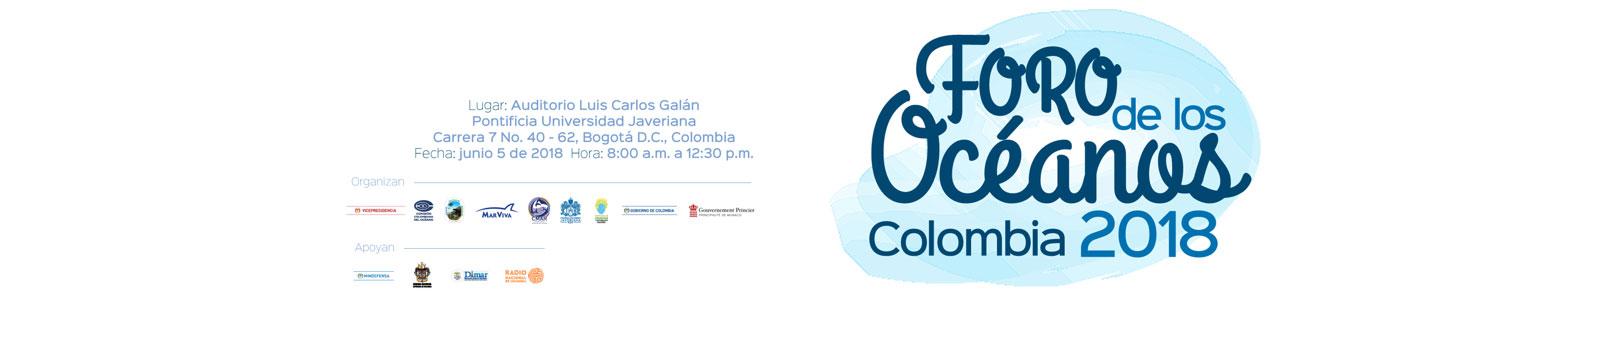 Foro de los Océanos Colombia 2018